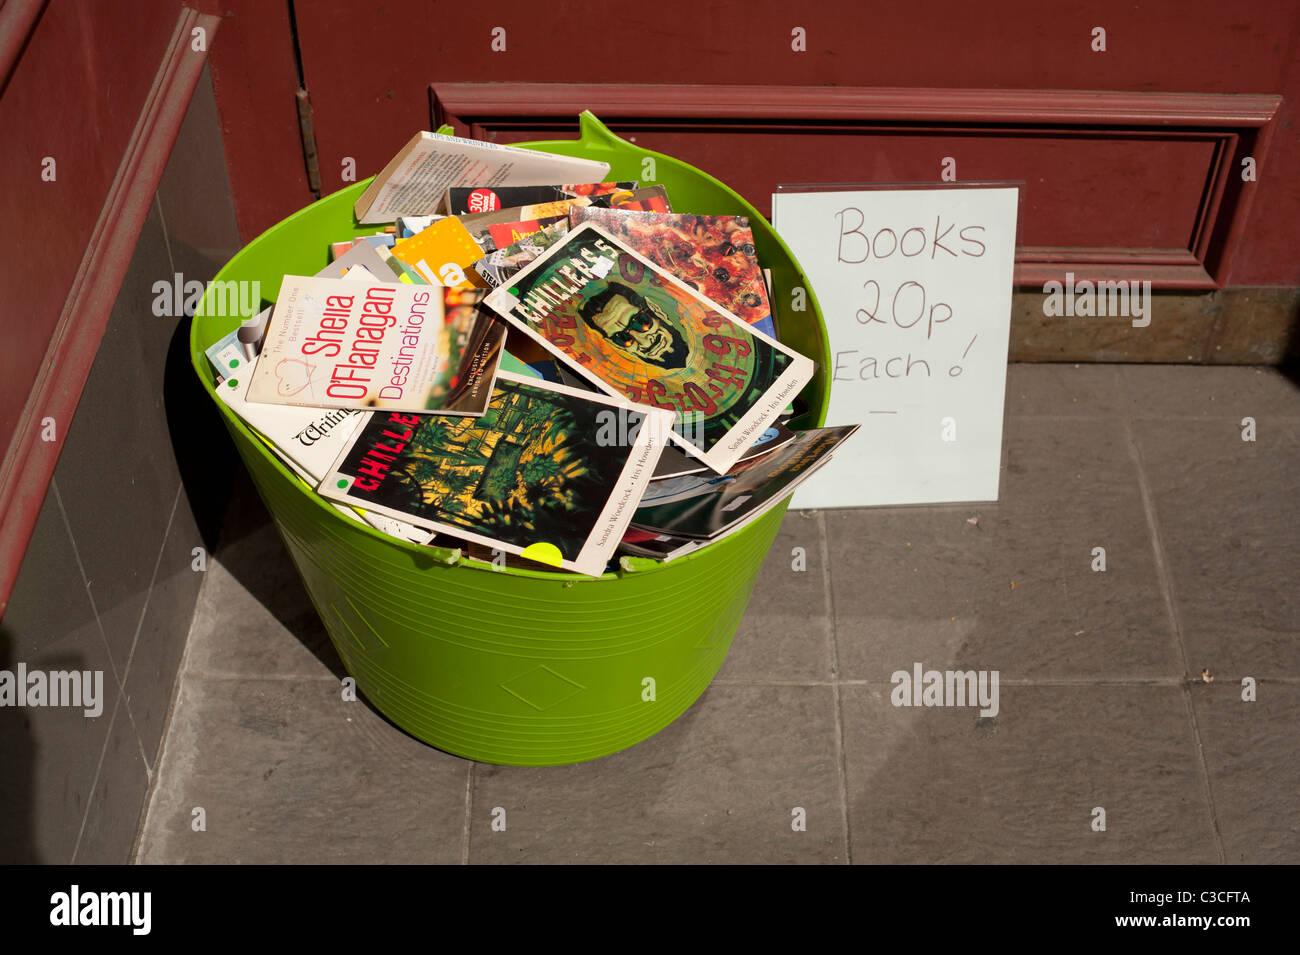 Una vasca di plastica piena di a buon mercato di seconda mano libri in brossura - 20p ciascuno, al di fuori di una Immagini Stock